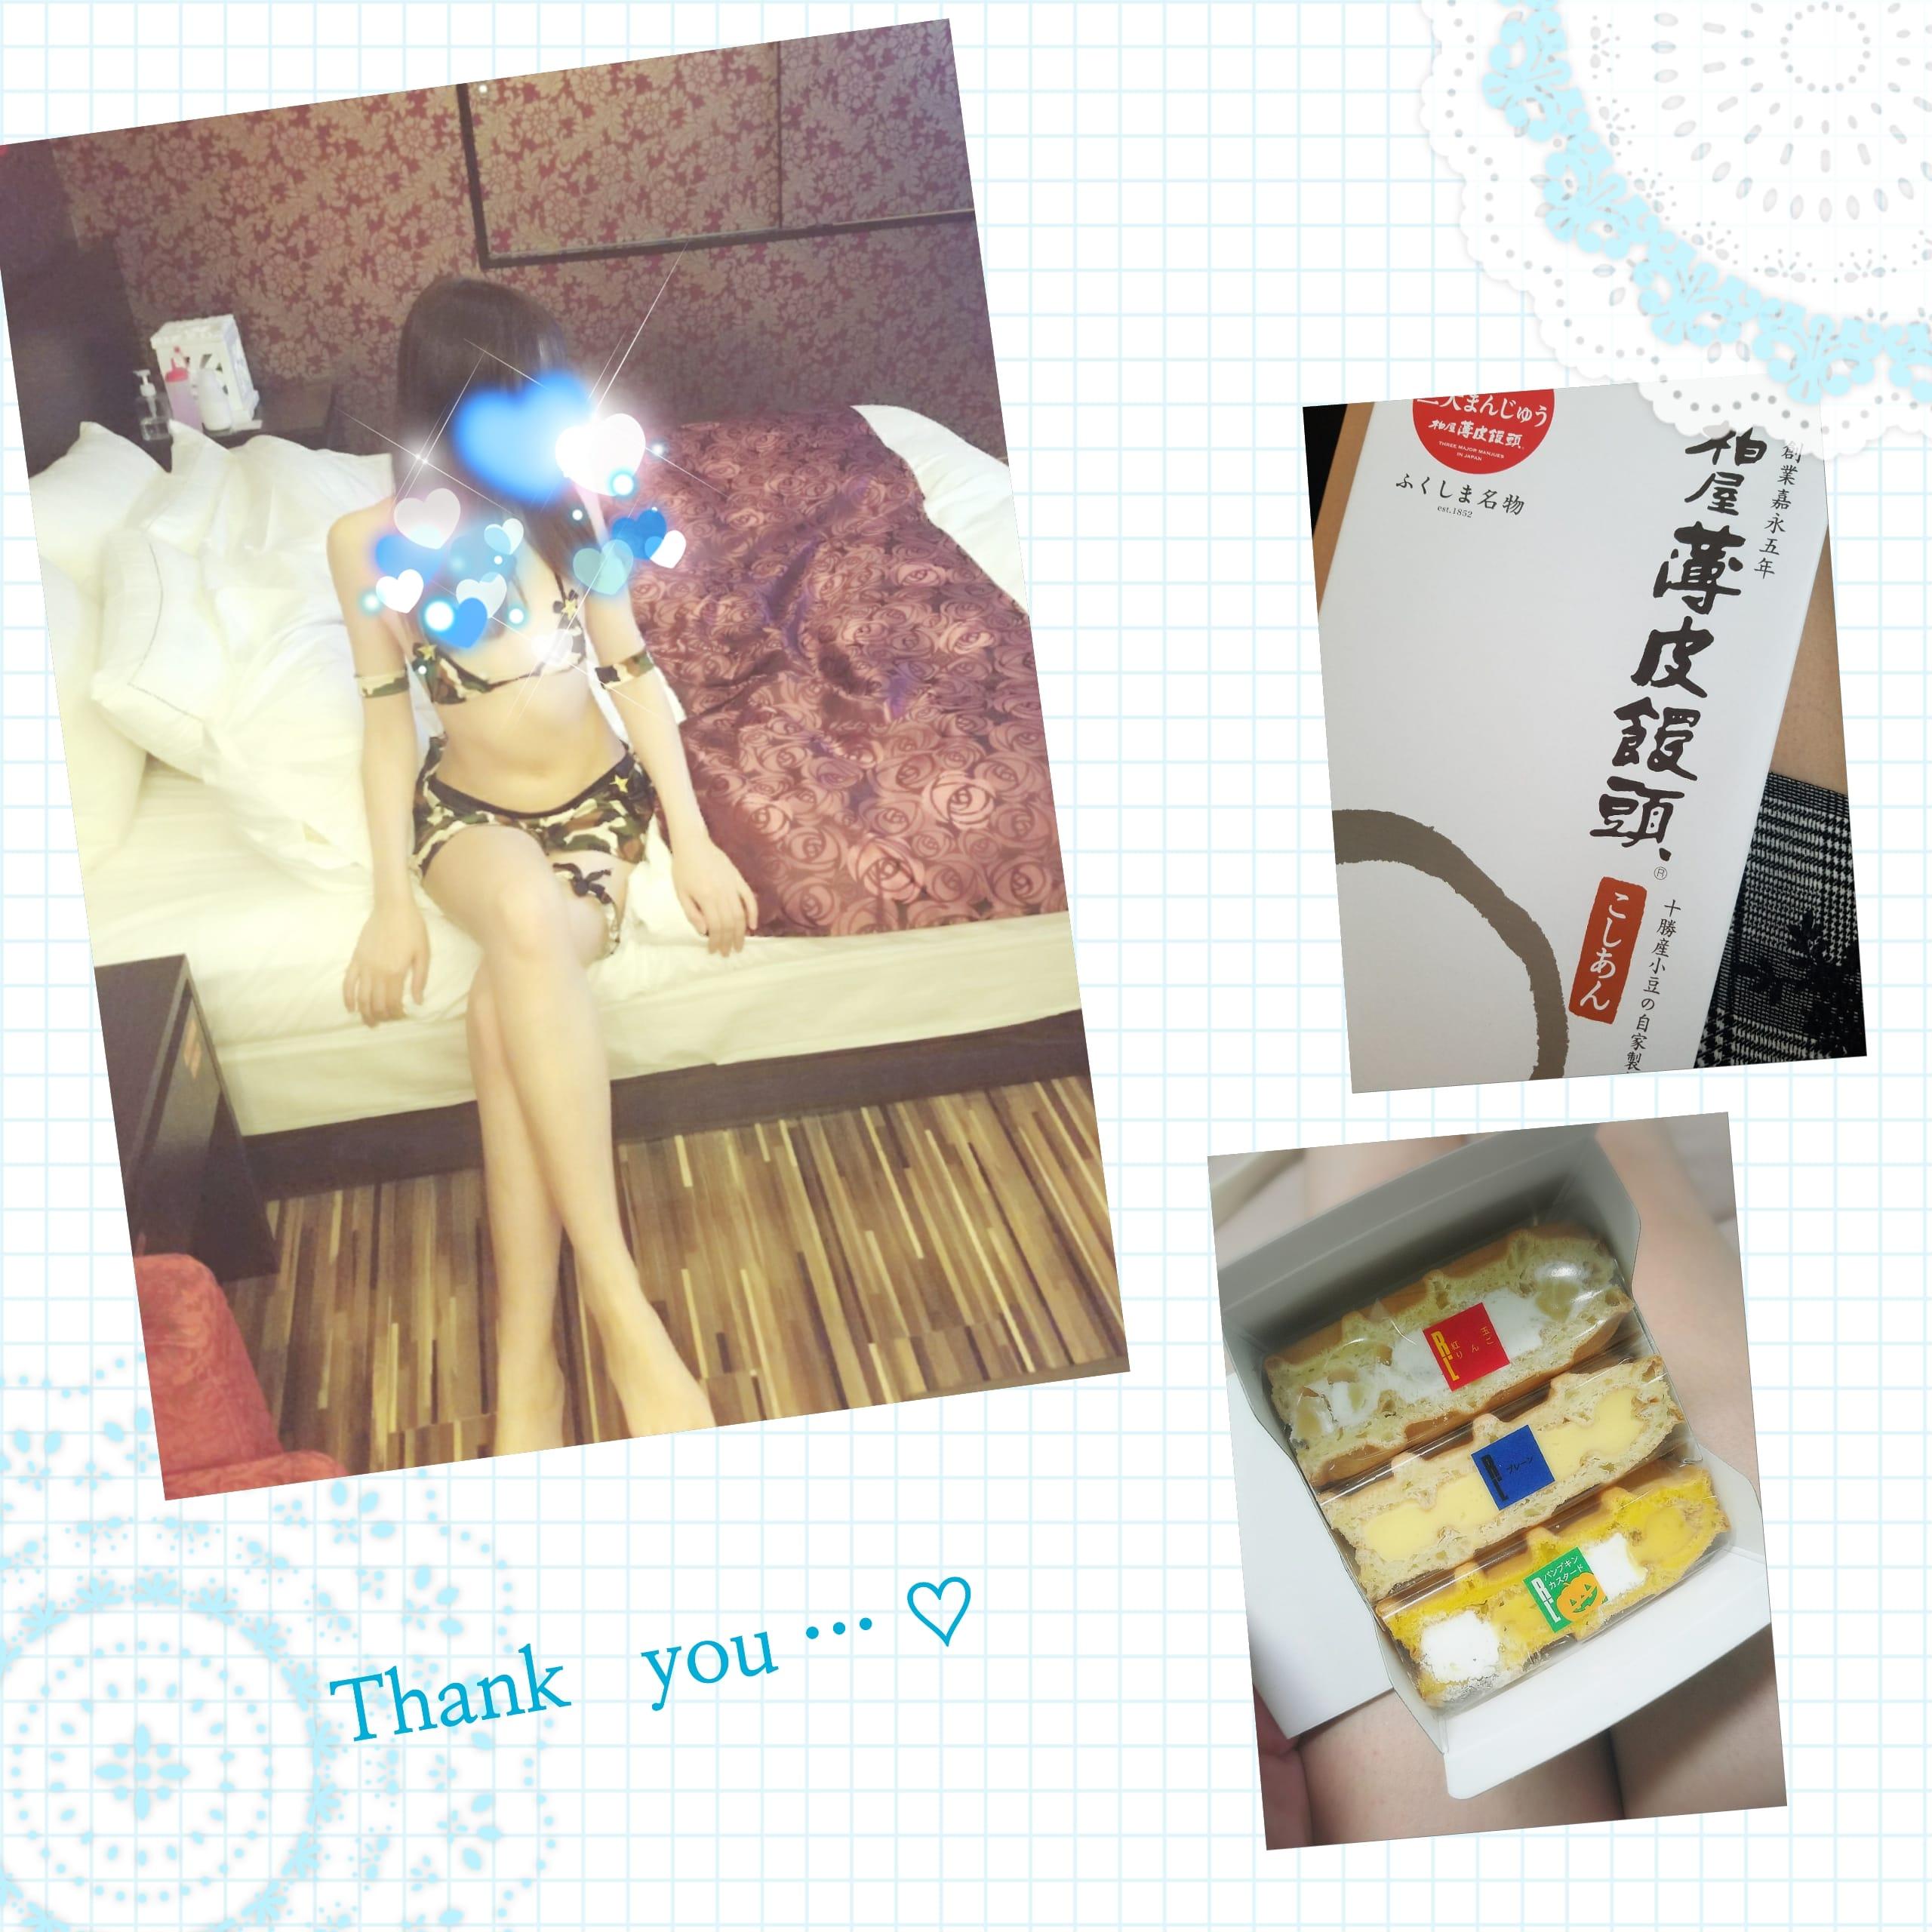 「楽しみに…♡」10/10(10/10) 12:41 | 桜井 あおいの写メ・風俗動画